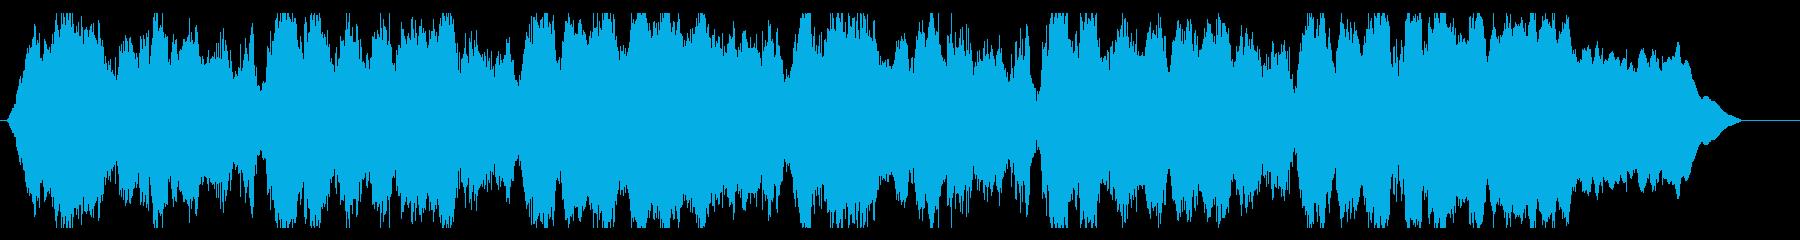 幻想的、ミステリアスっぽいアンビエントの再生済みの波形